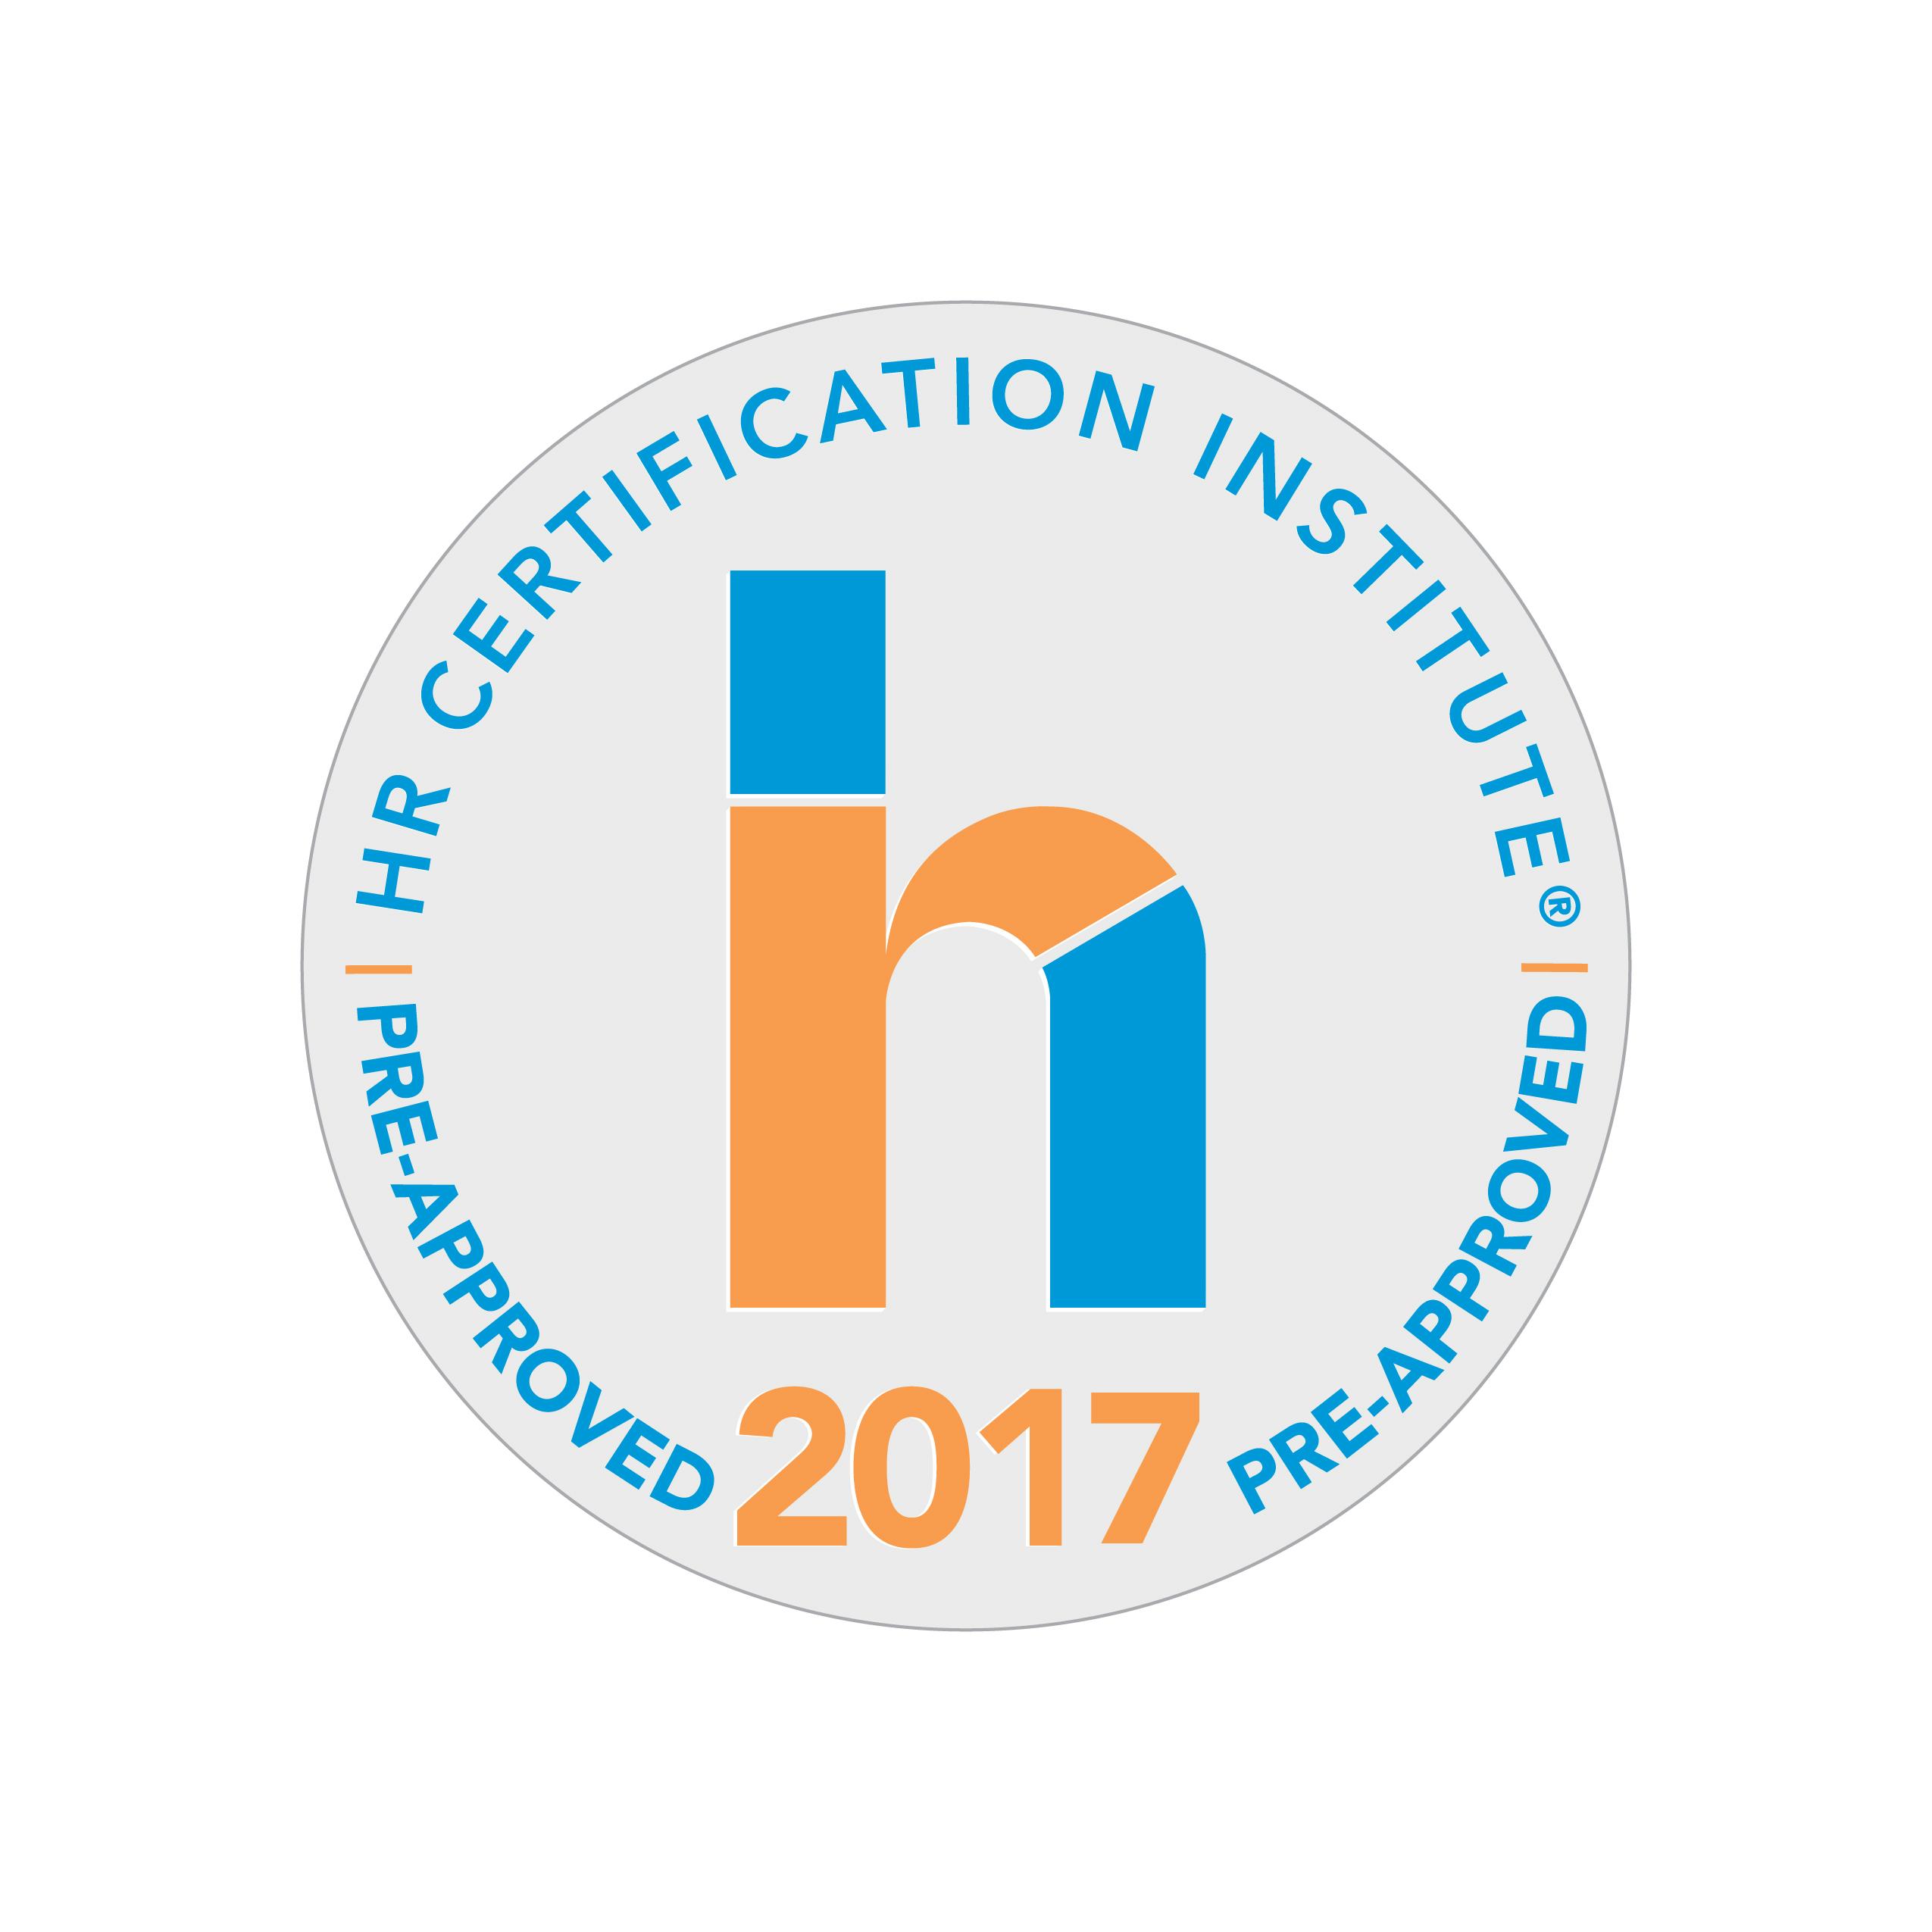 Hrci Afc Logo 2017 For Web